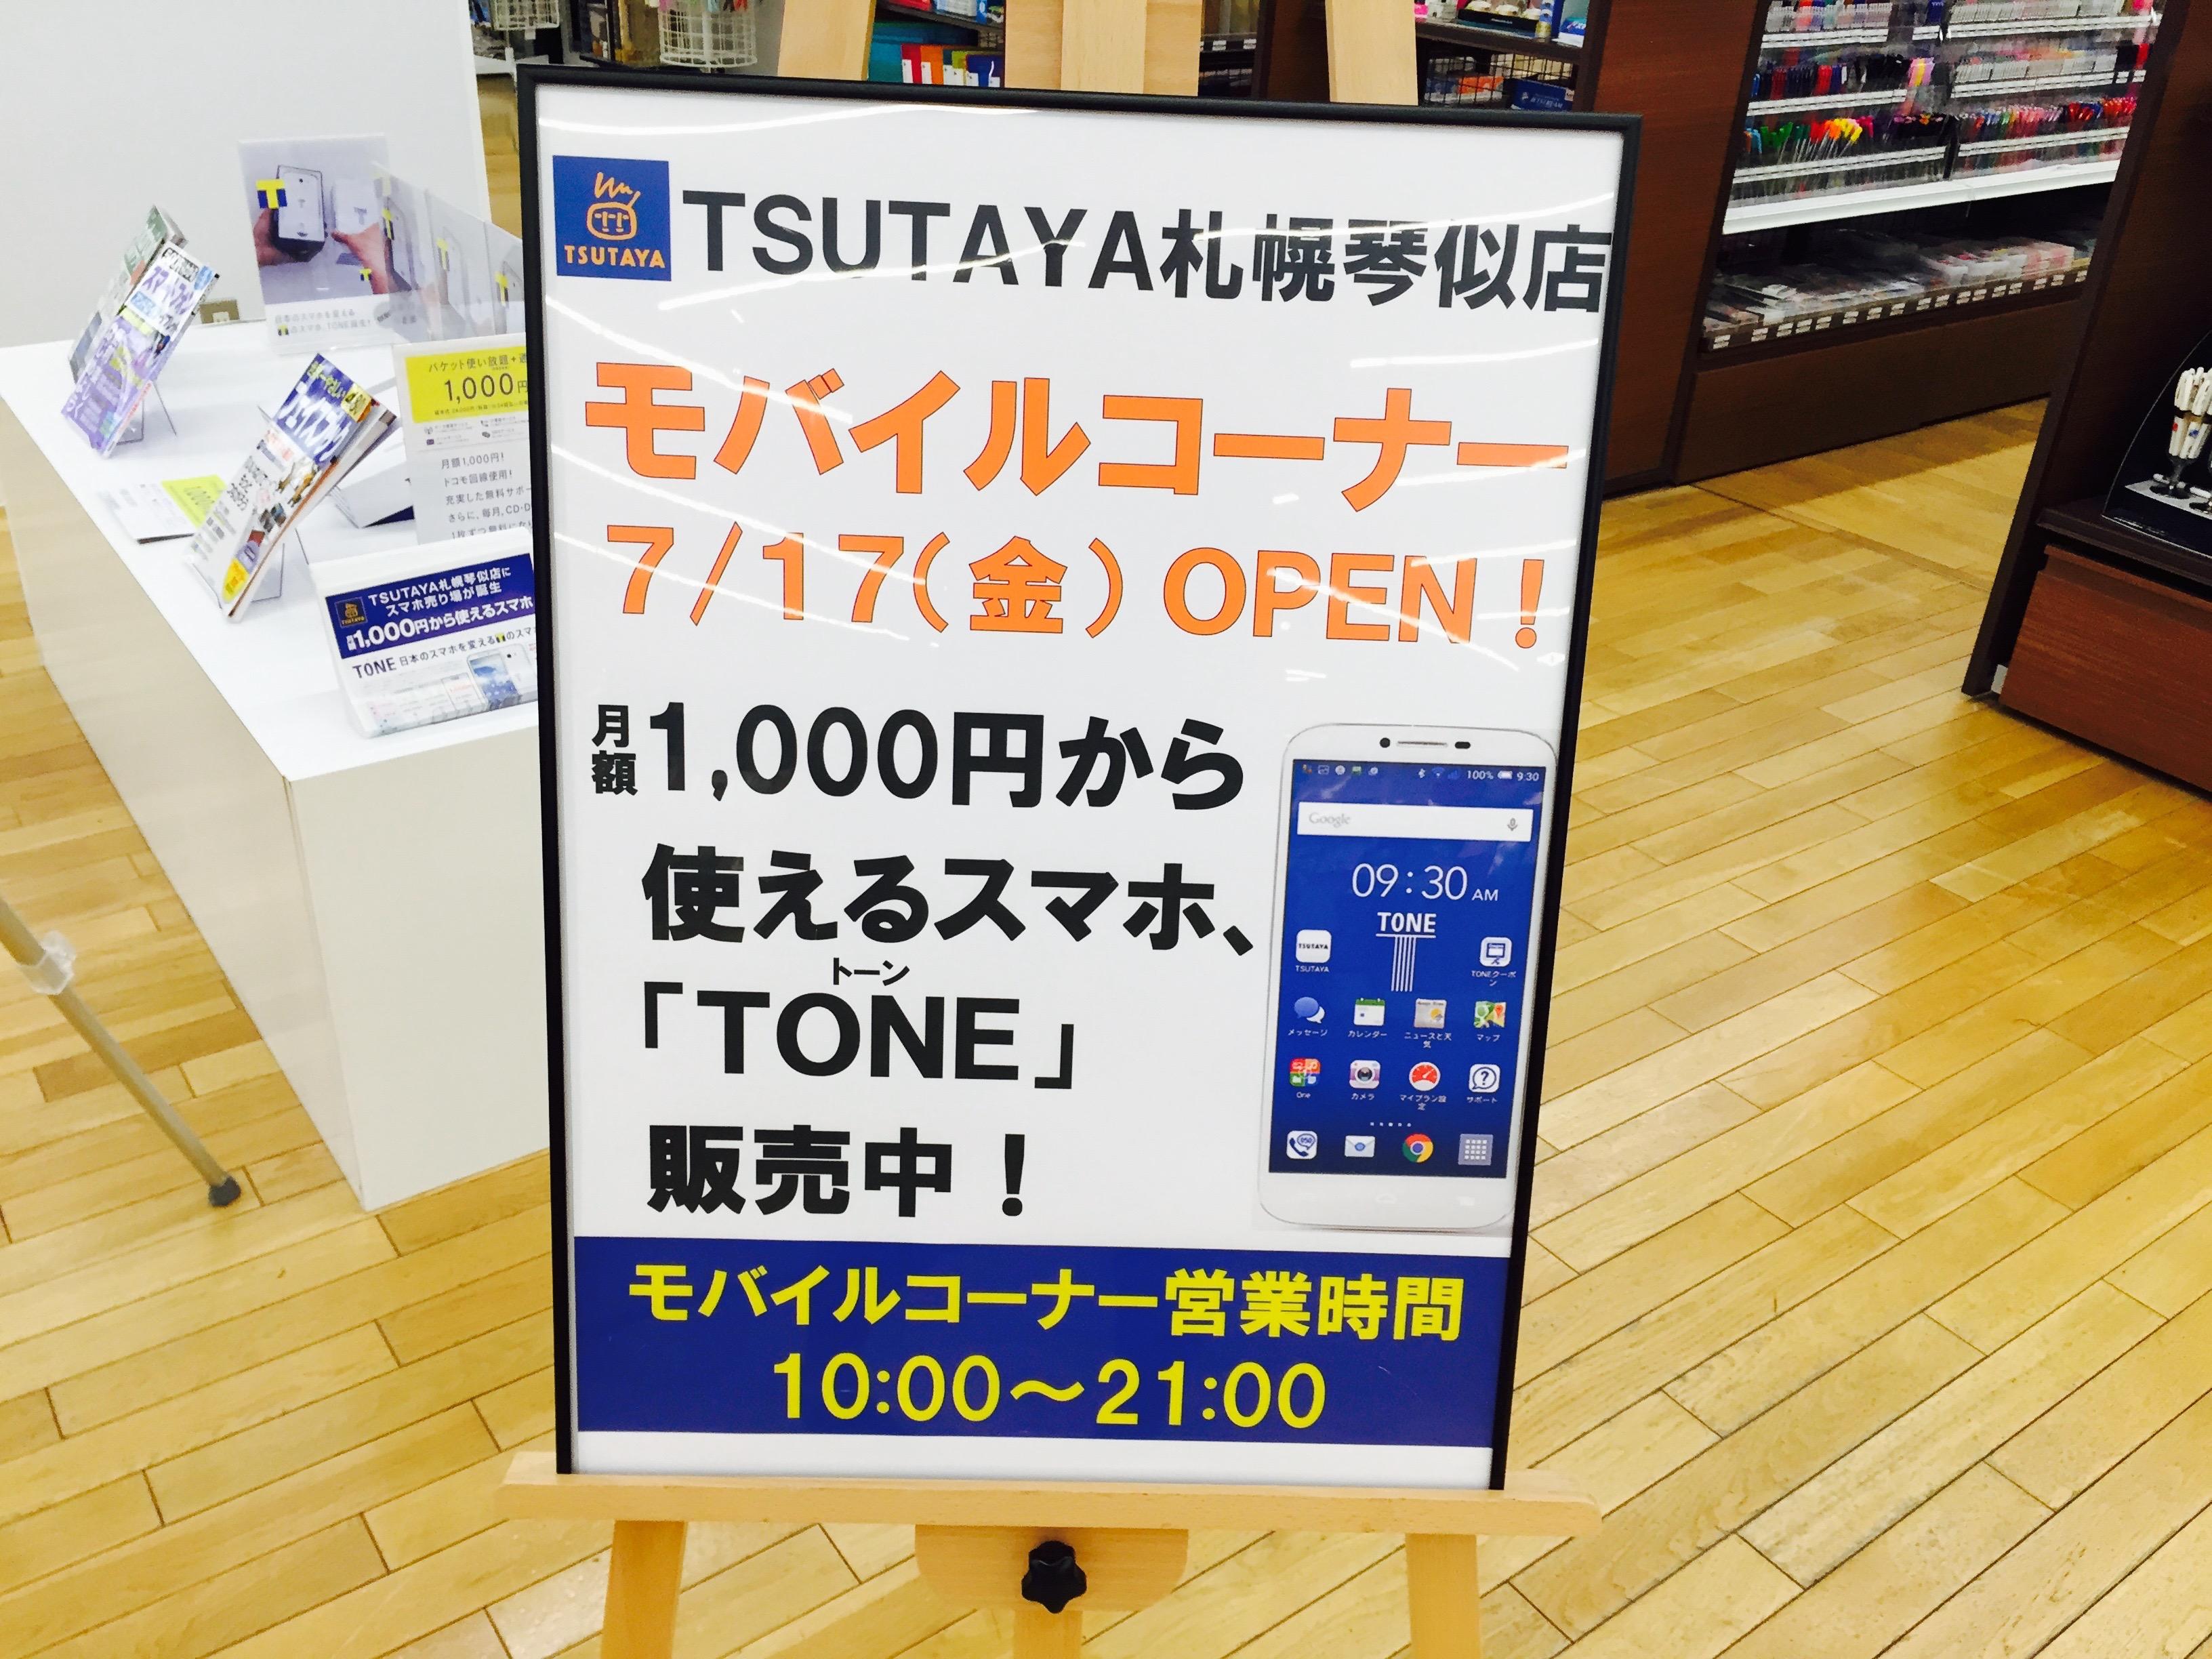 あなたのスマホは月額いくら?-格安スマホ「TONE」札幌で発売開始[PR]